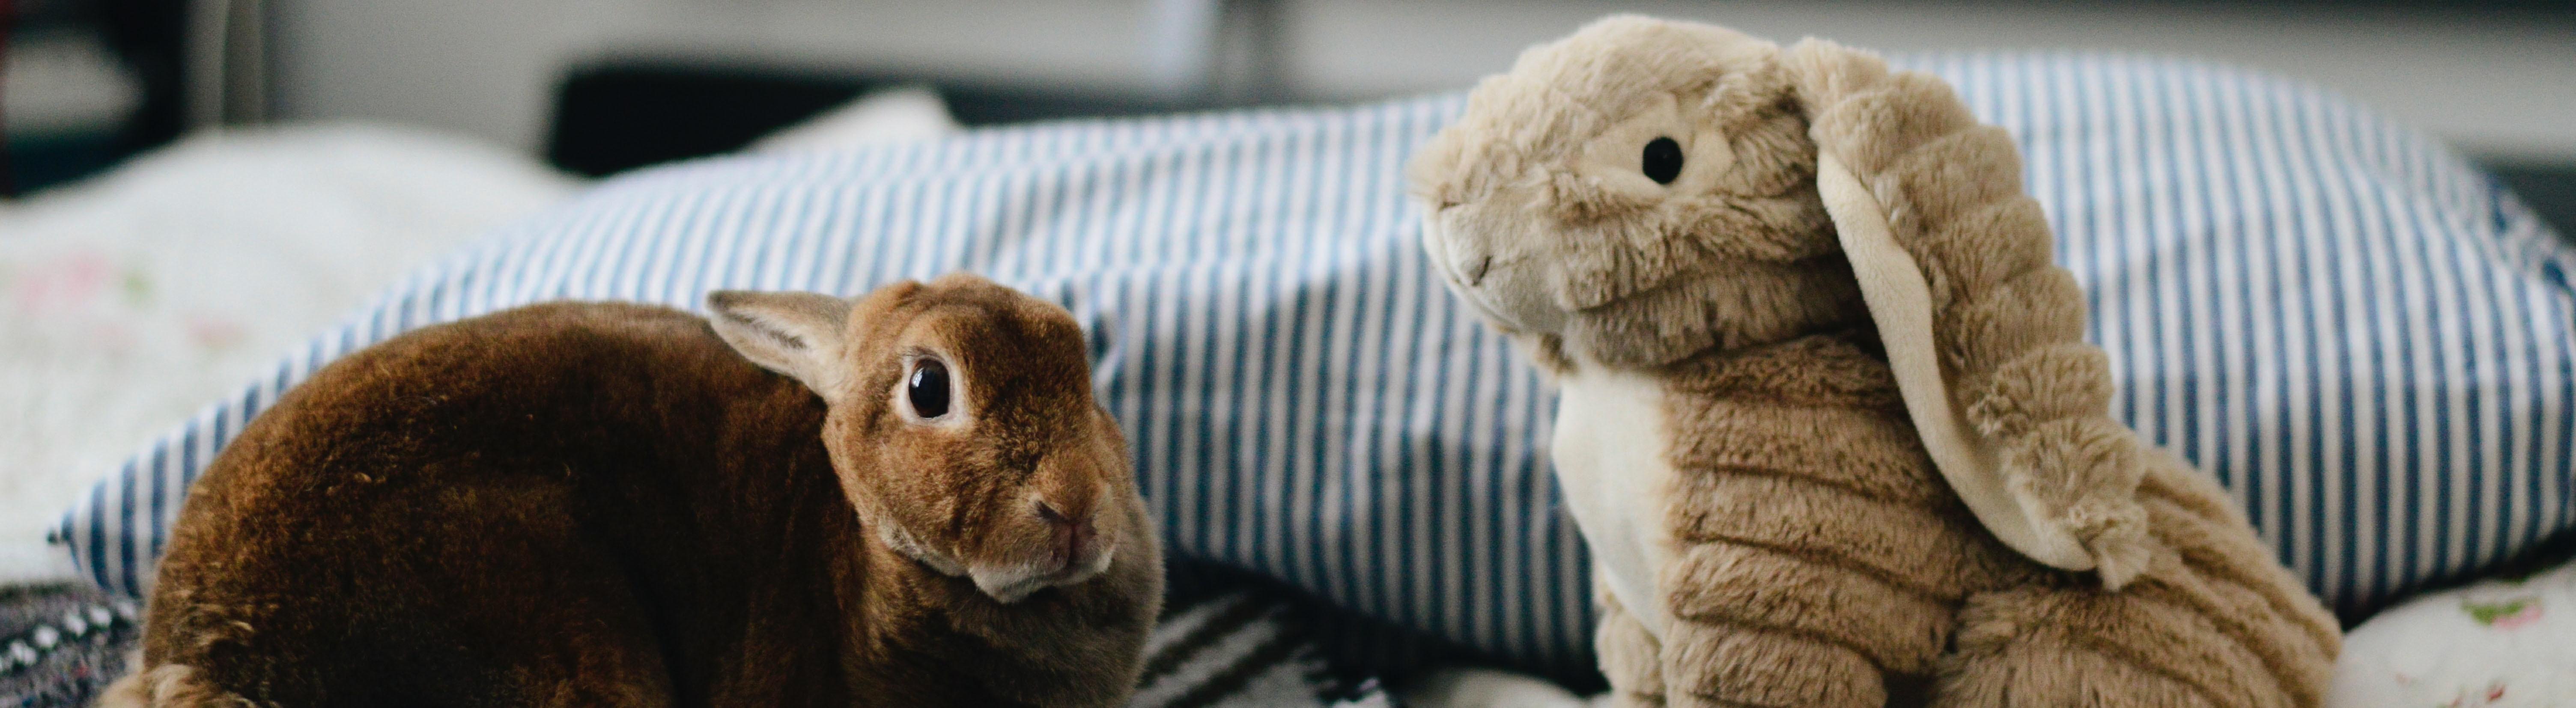 Echtes Kaninchen und Plüschkaninchen sitzen nebeneinander auf dem Bett